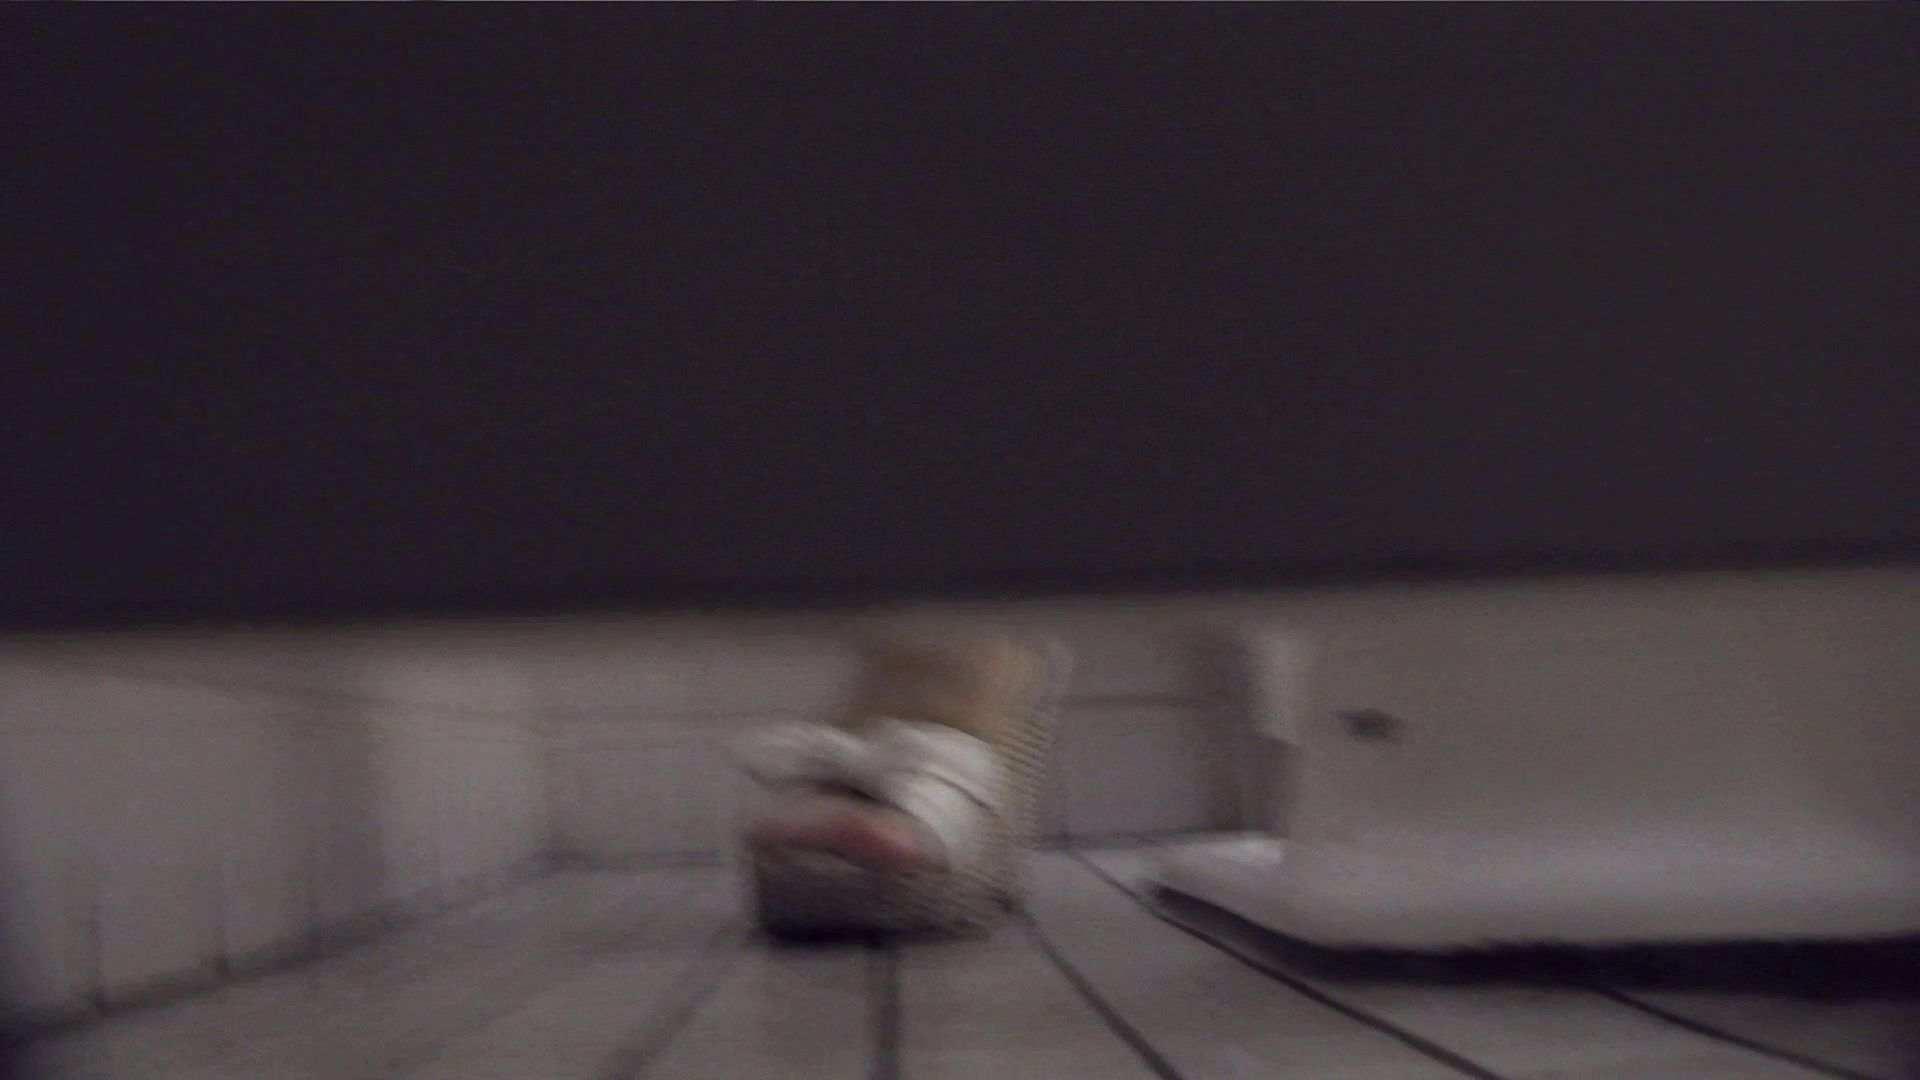 vol.06 命がけ潜伏洗面所! ツン!とした子は割と几帳面? プライベート 覗きおまんこ画像 95pic 67